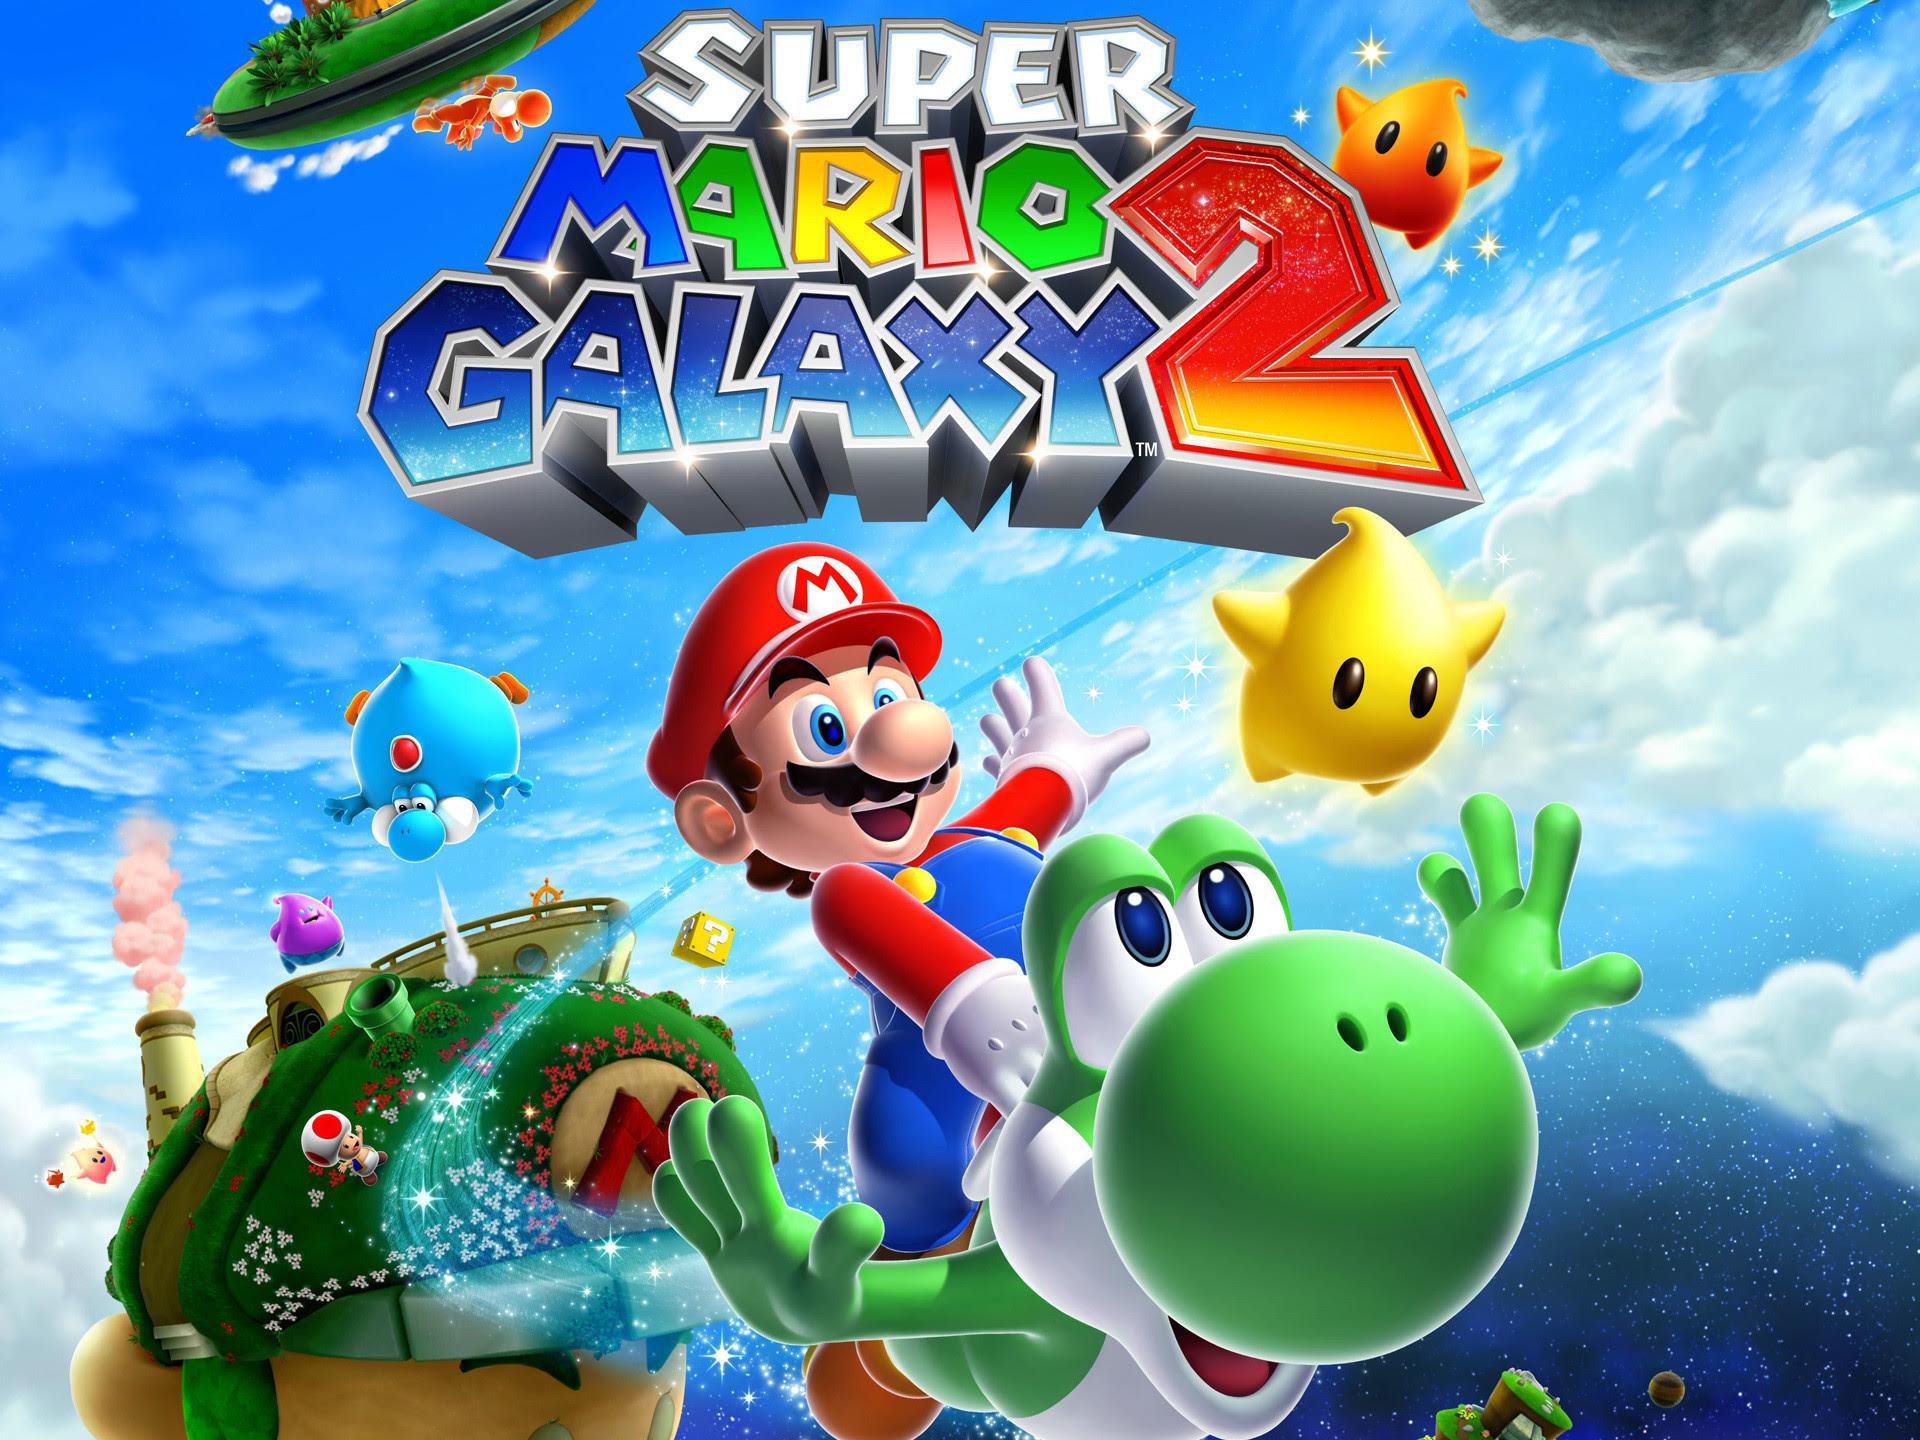 Super Mario Galaxy 2 Wallpaper Hd 77 Images